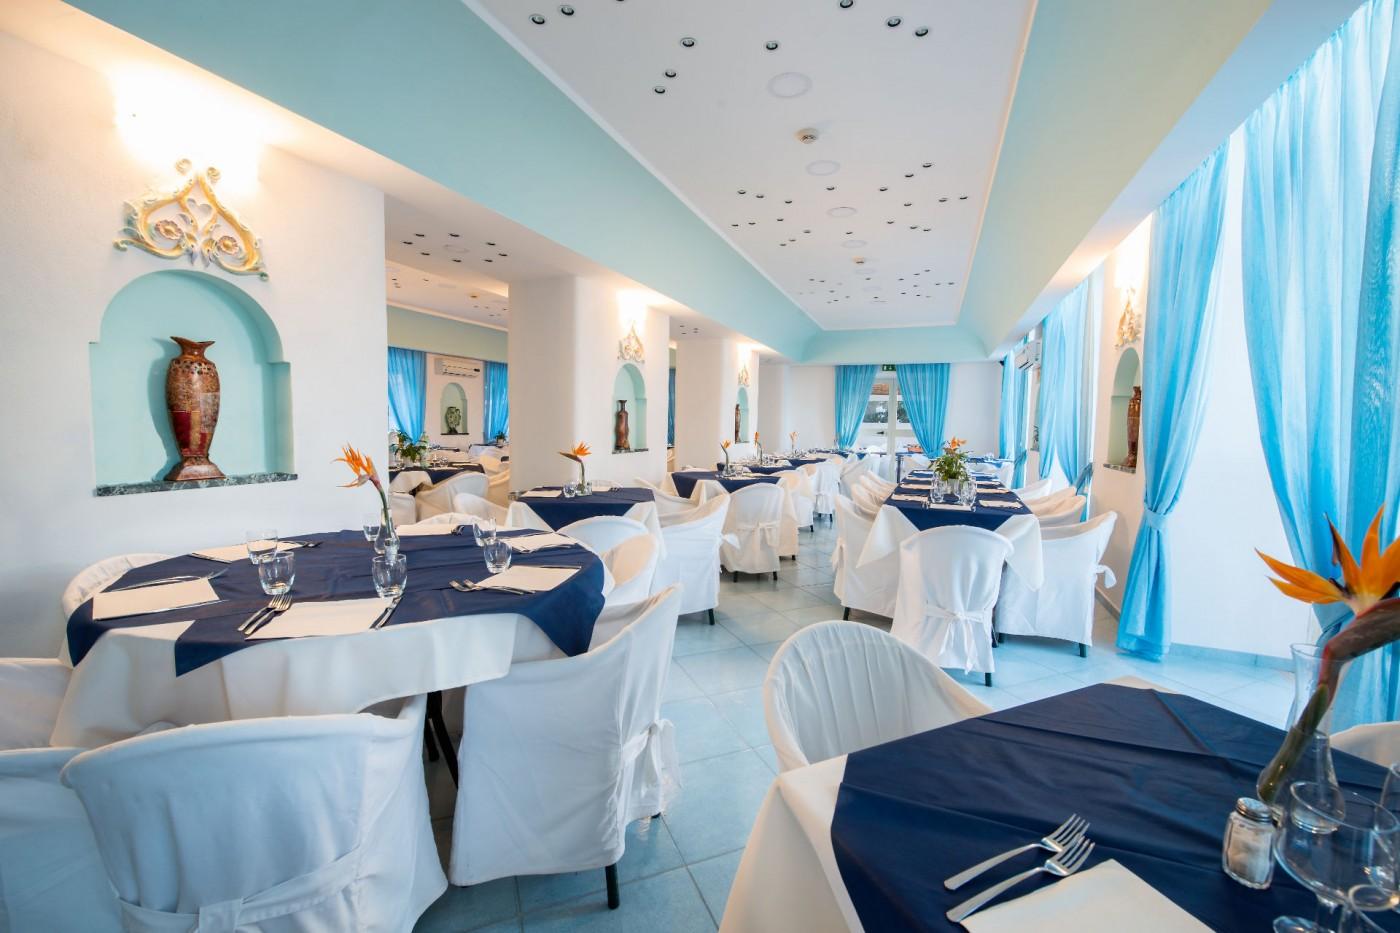 hotel-stella-maris-ischia-ristorante-3